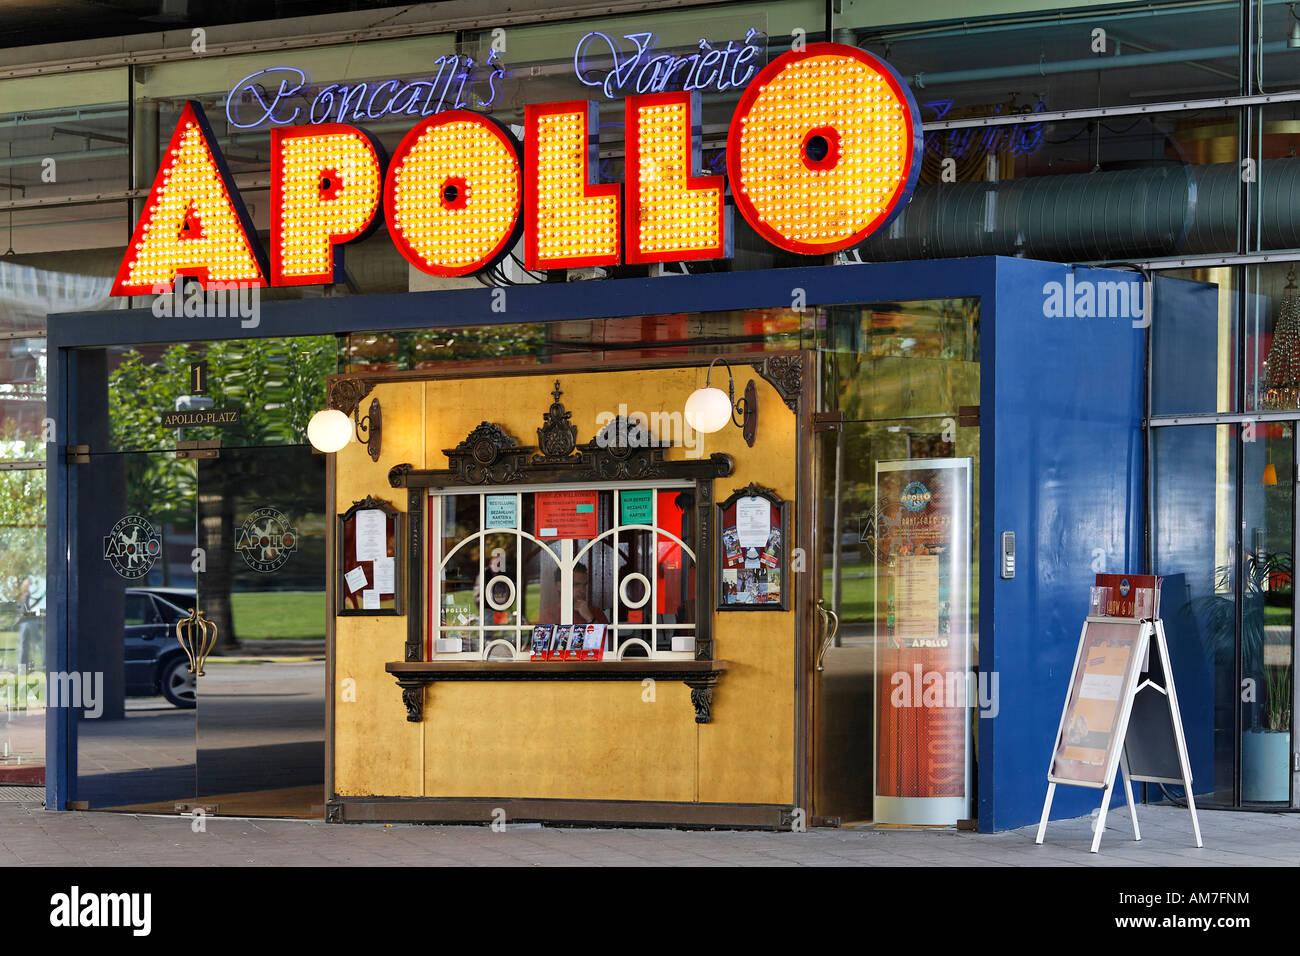 Théâtre des Variétés Apollo, Düsseldorf, NRW, Allemagne Banque D'Images